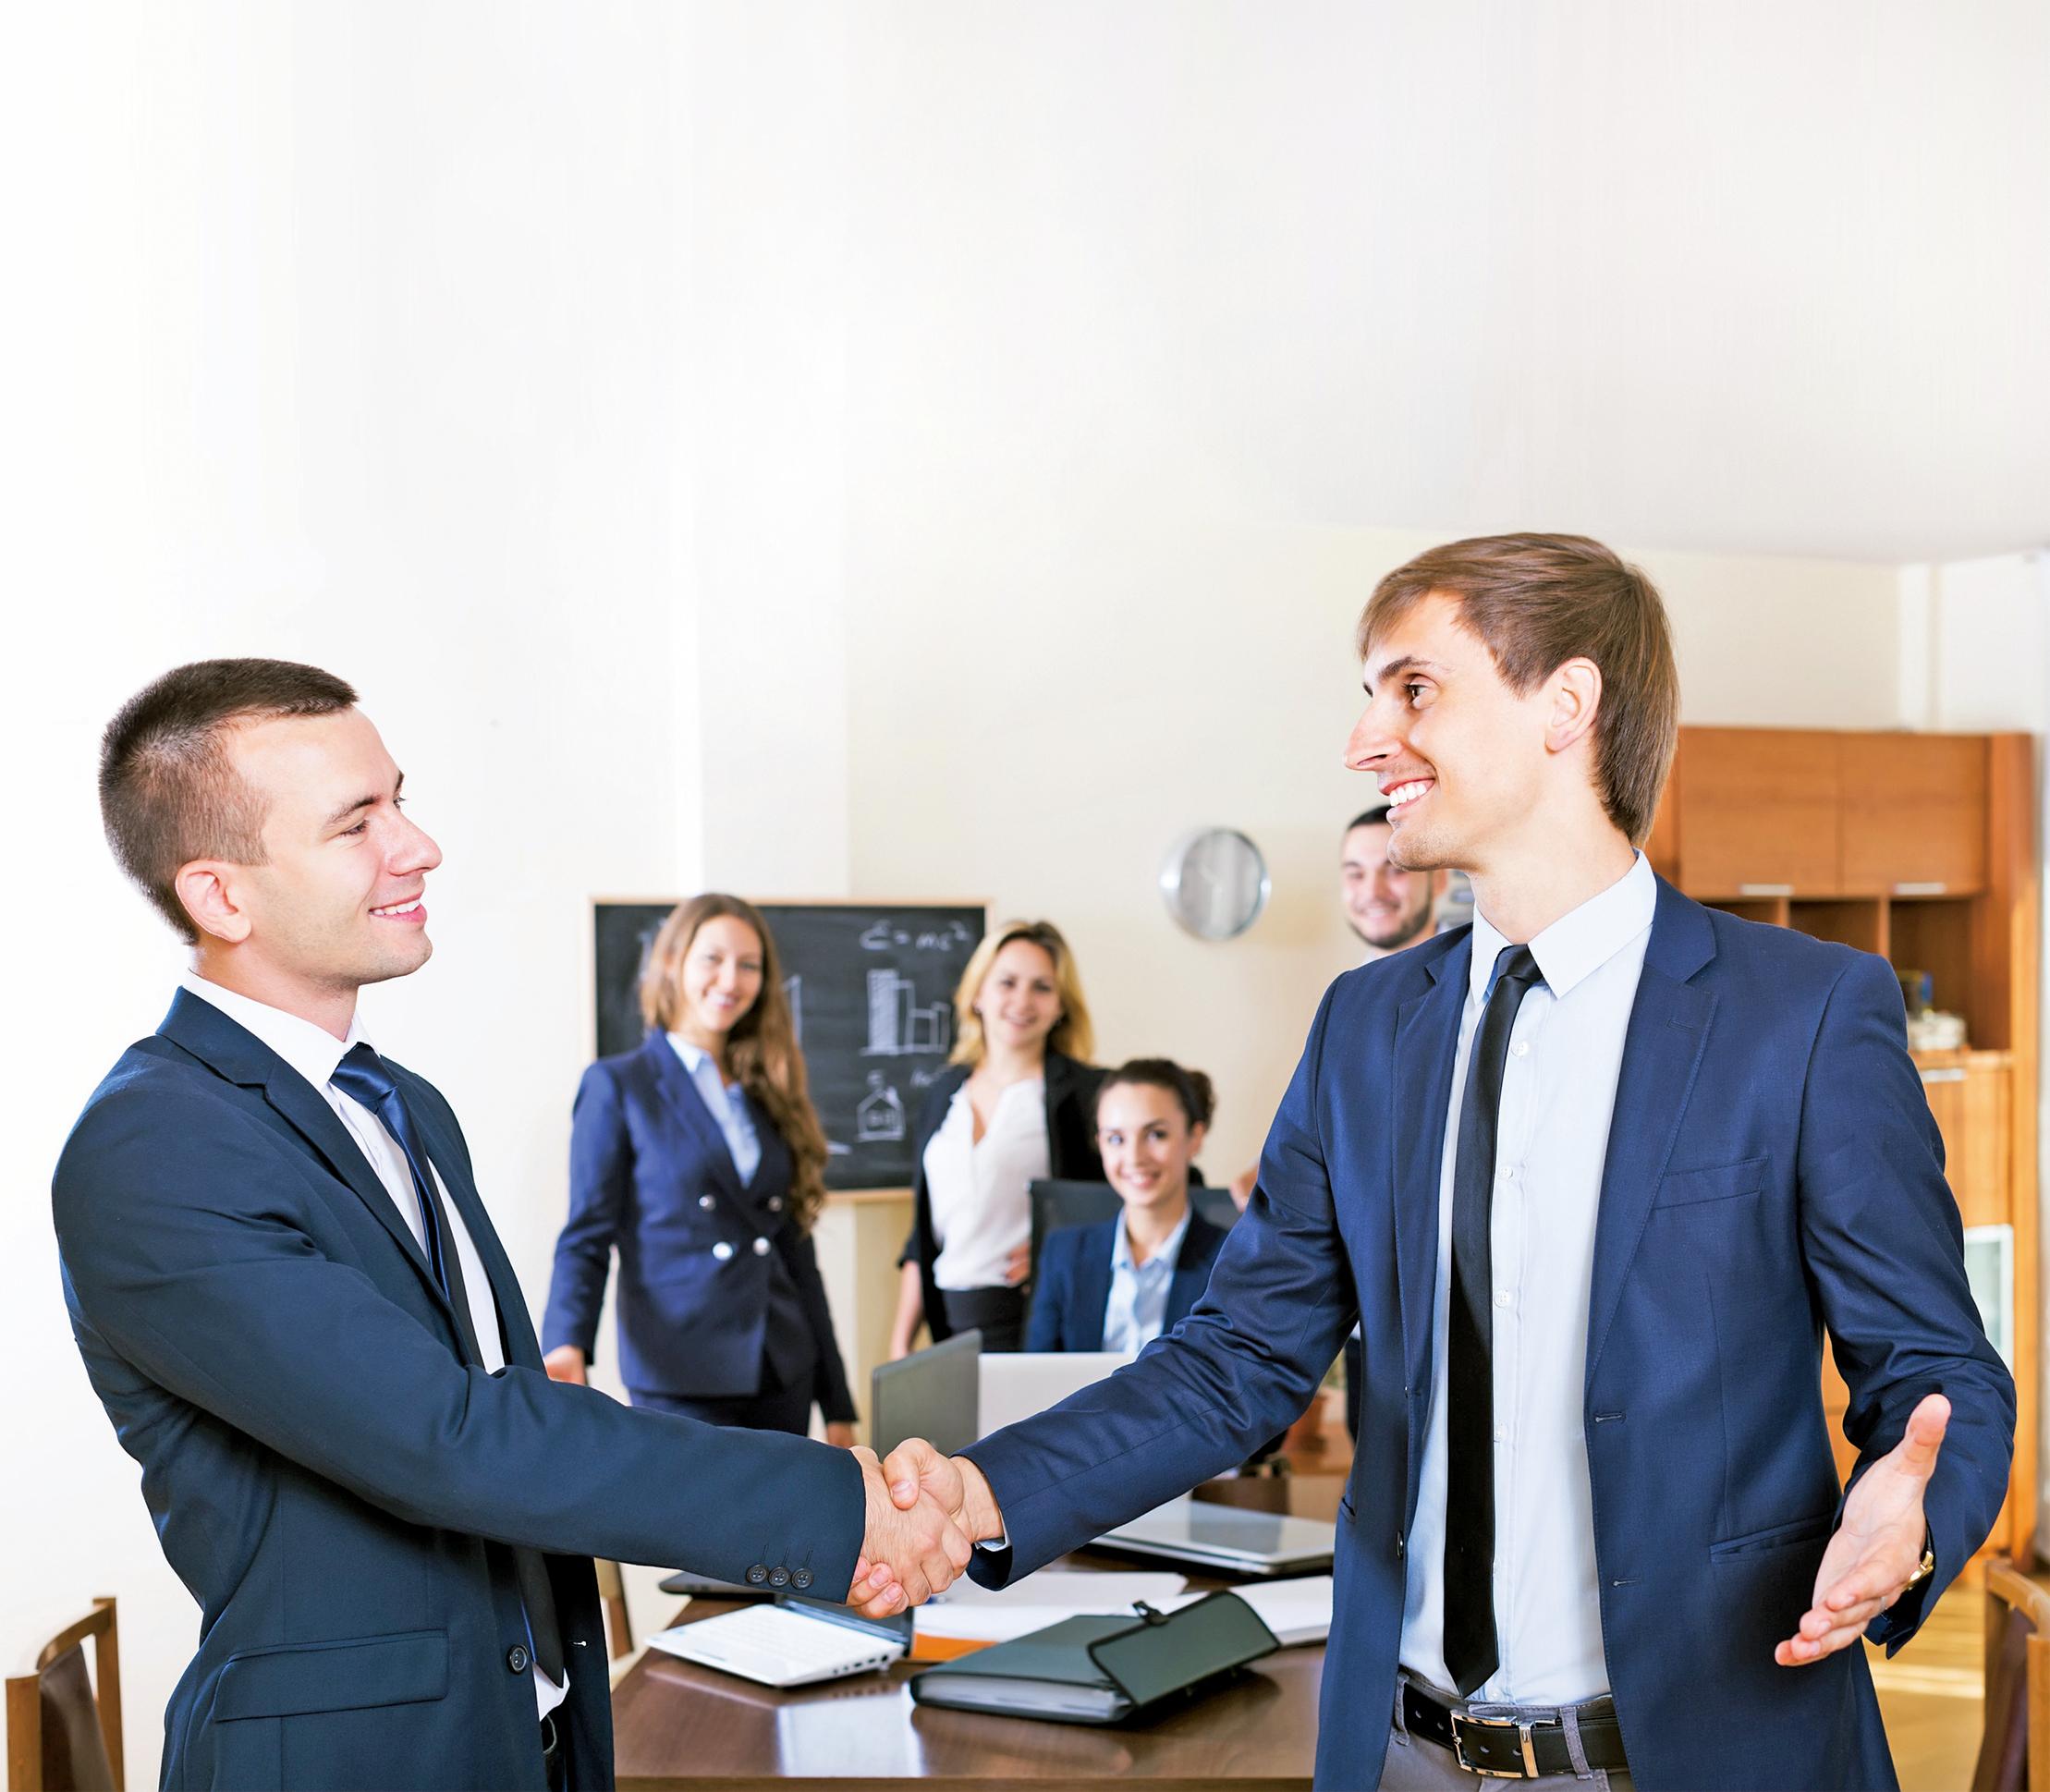 職場的新鮮人新來乍到  如何儘快融入工作環境